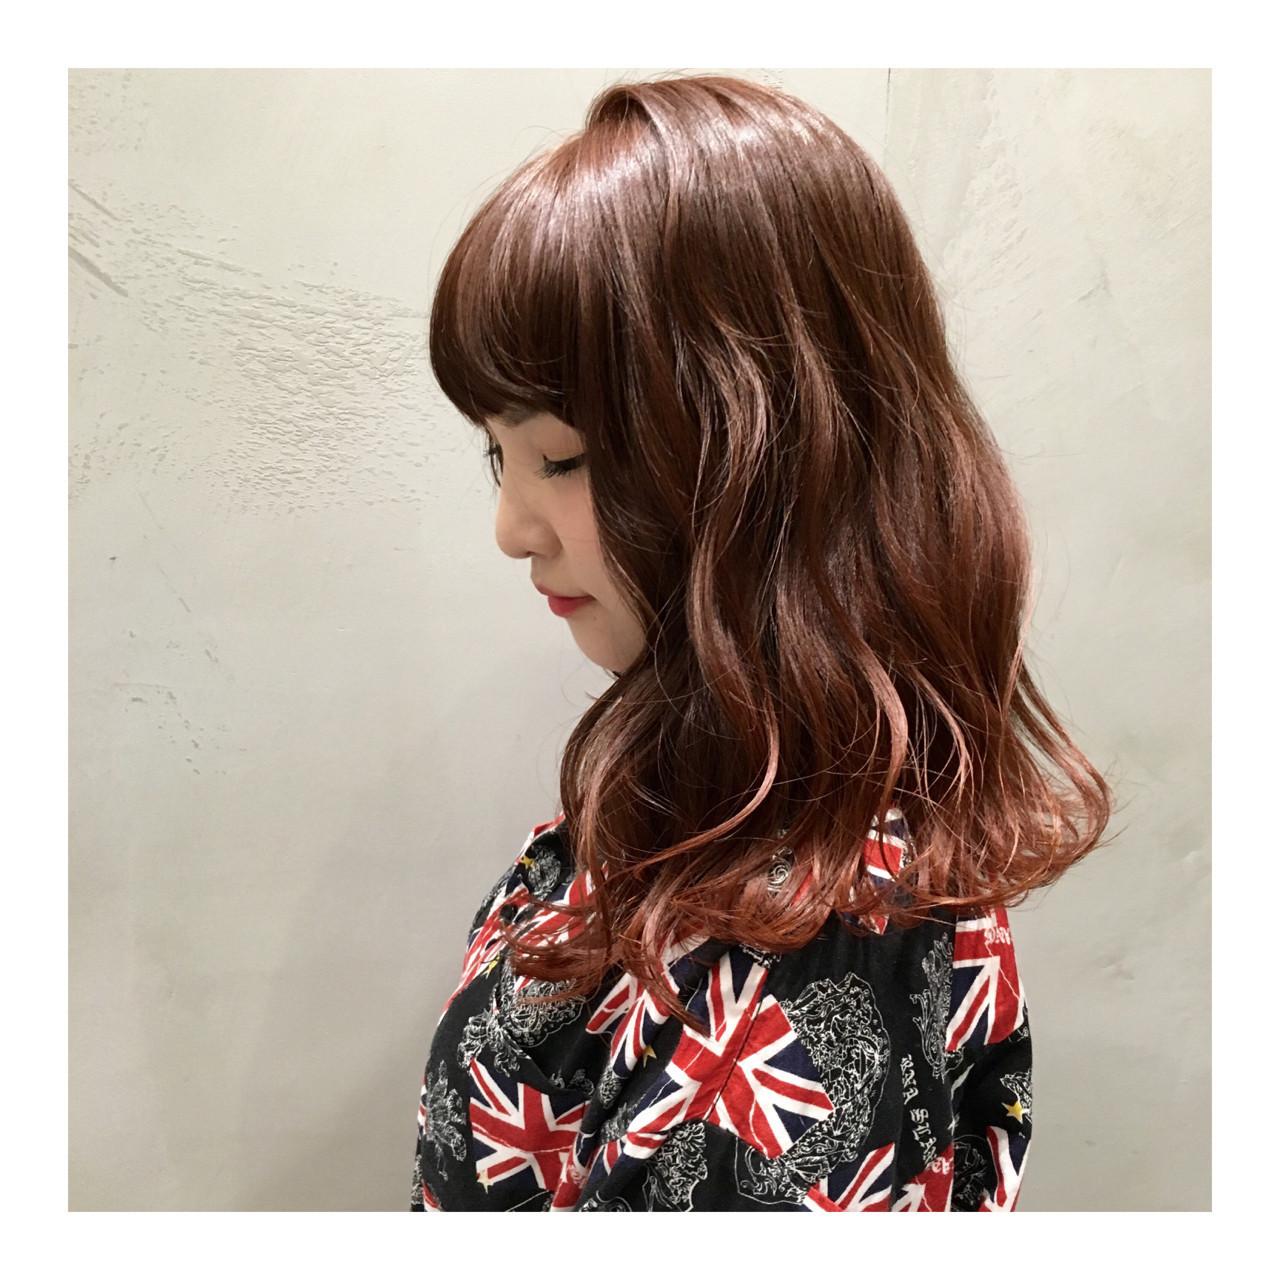 2020年人気の髪色は?おすすめヘアカラーでトレンドガールに♡の19枚目の画像